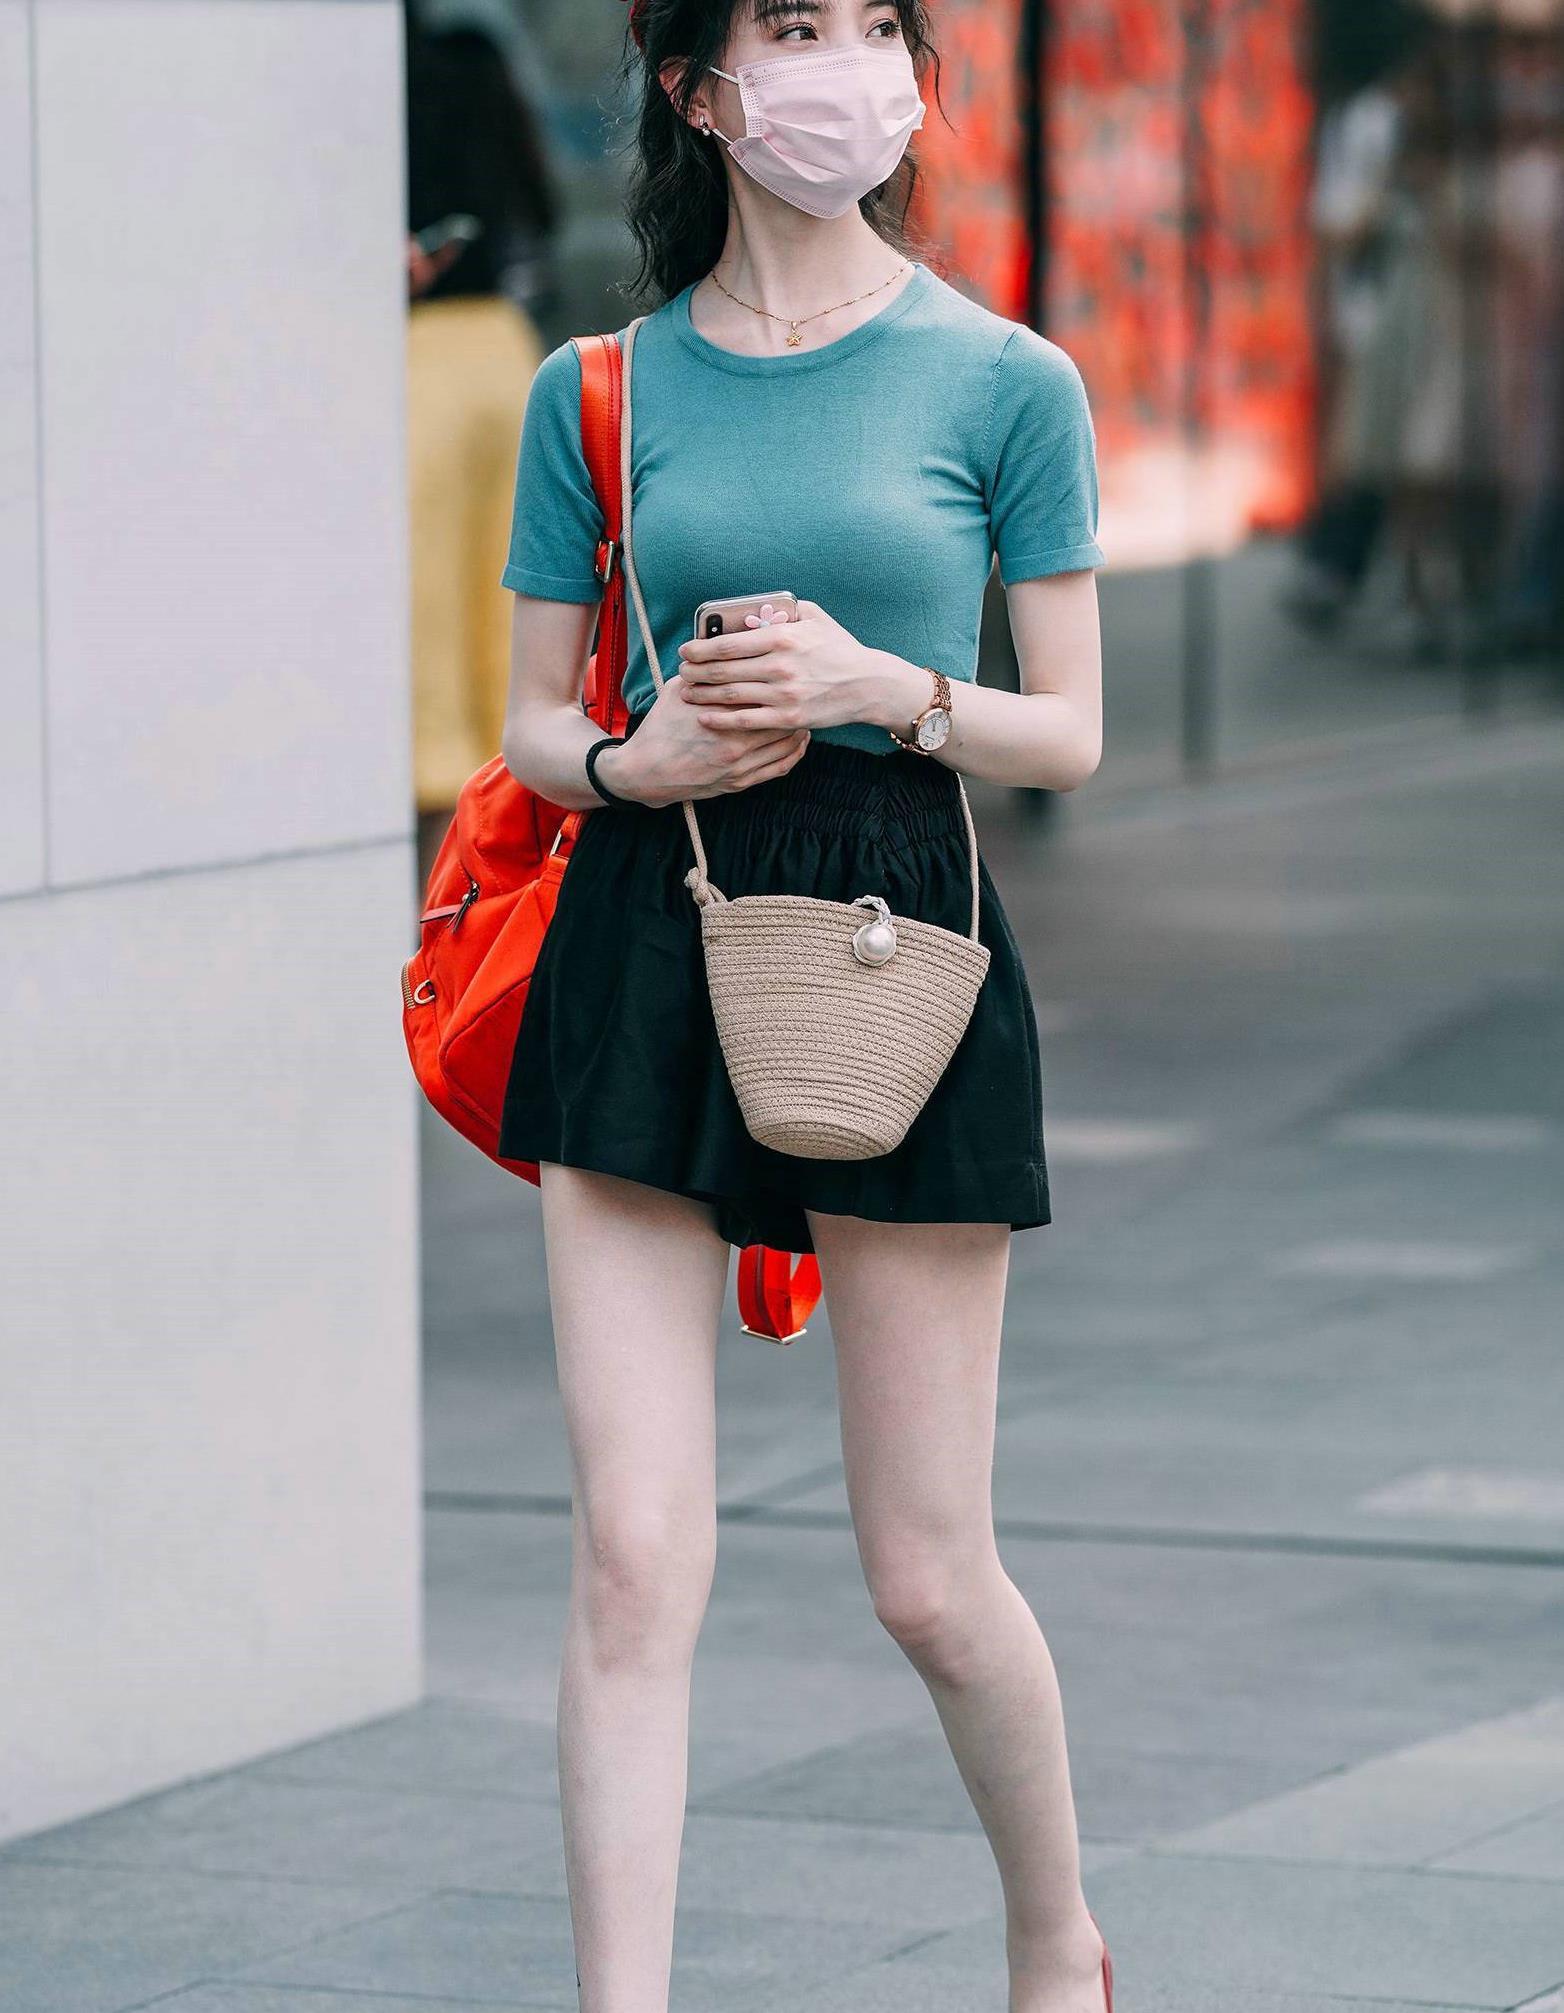 小姐姐斜挎一个精致的编织单肩包,凸显了小女生清新可人的气质